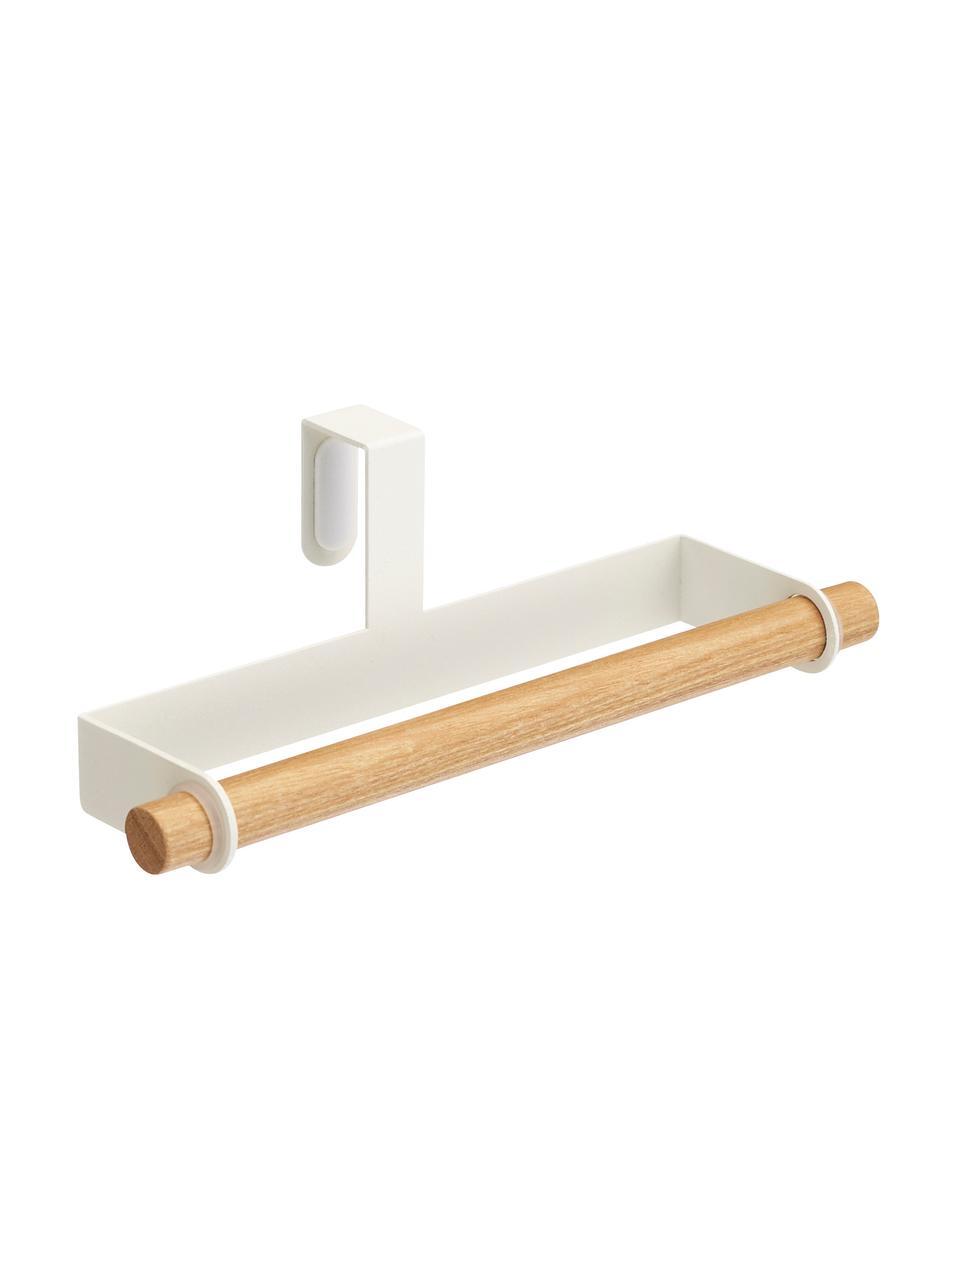 Handtuchhalter Tosca, Halter: Stahl, beschichtet, Stange: Holz, Weiß, Holz, 19 x 6 cm